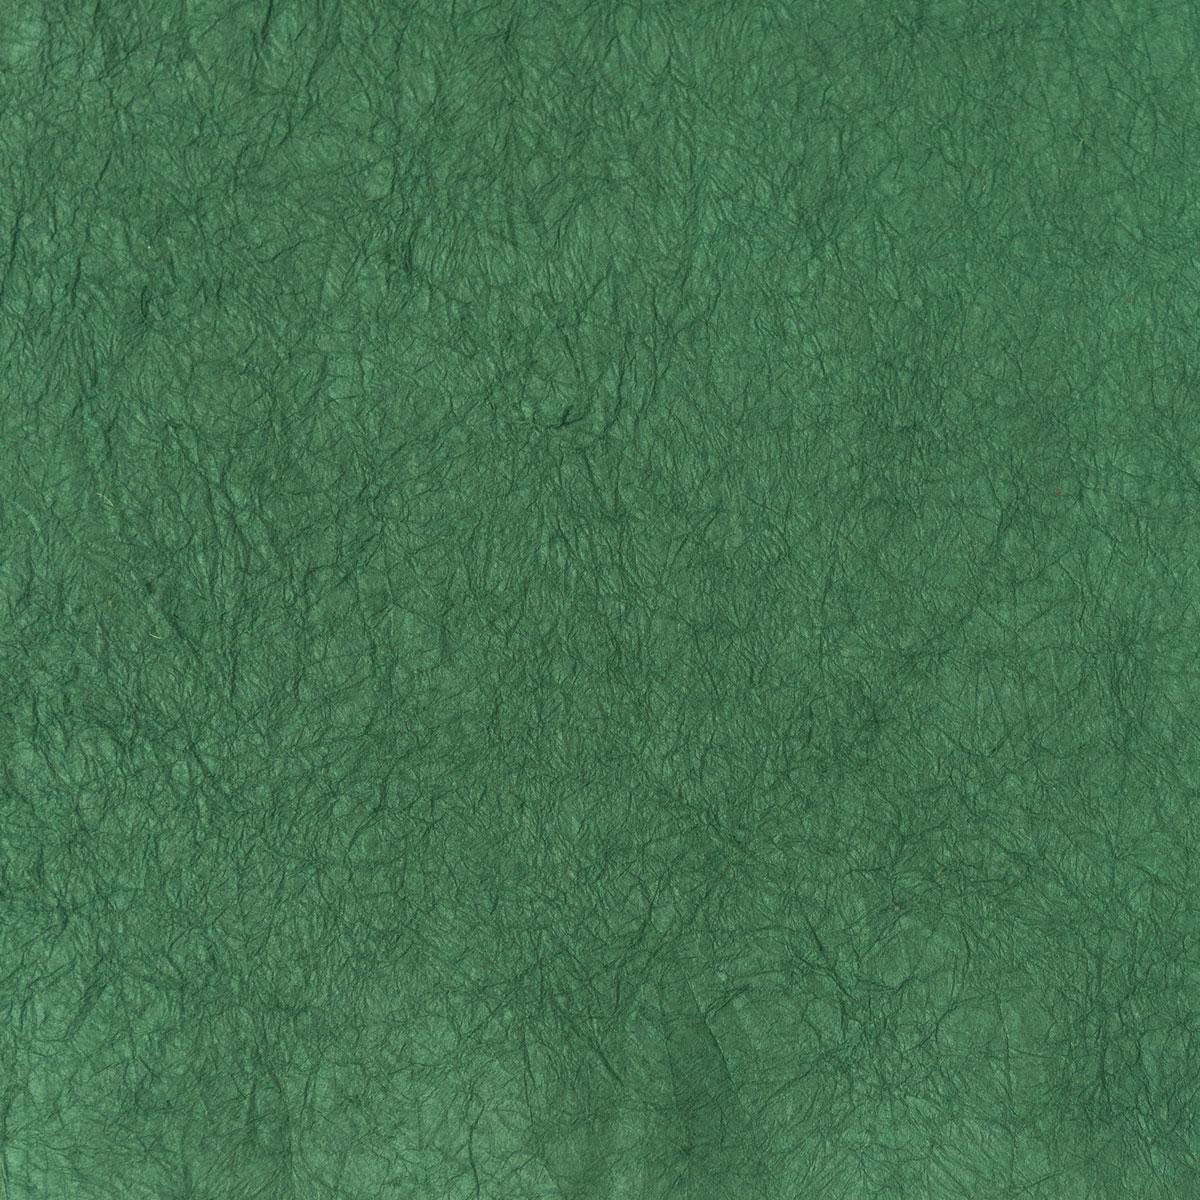 王朝のそめいろ 厚口 28番 中緑